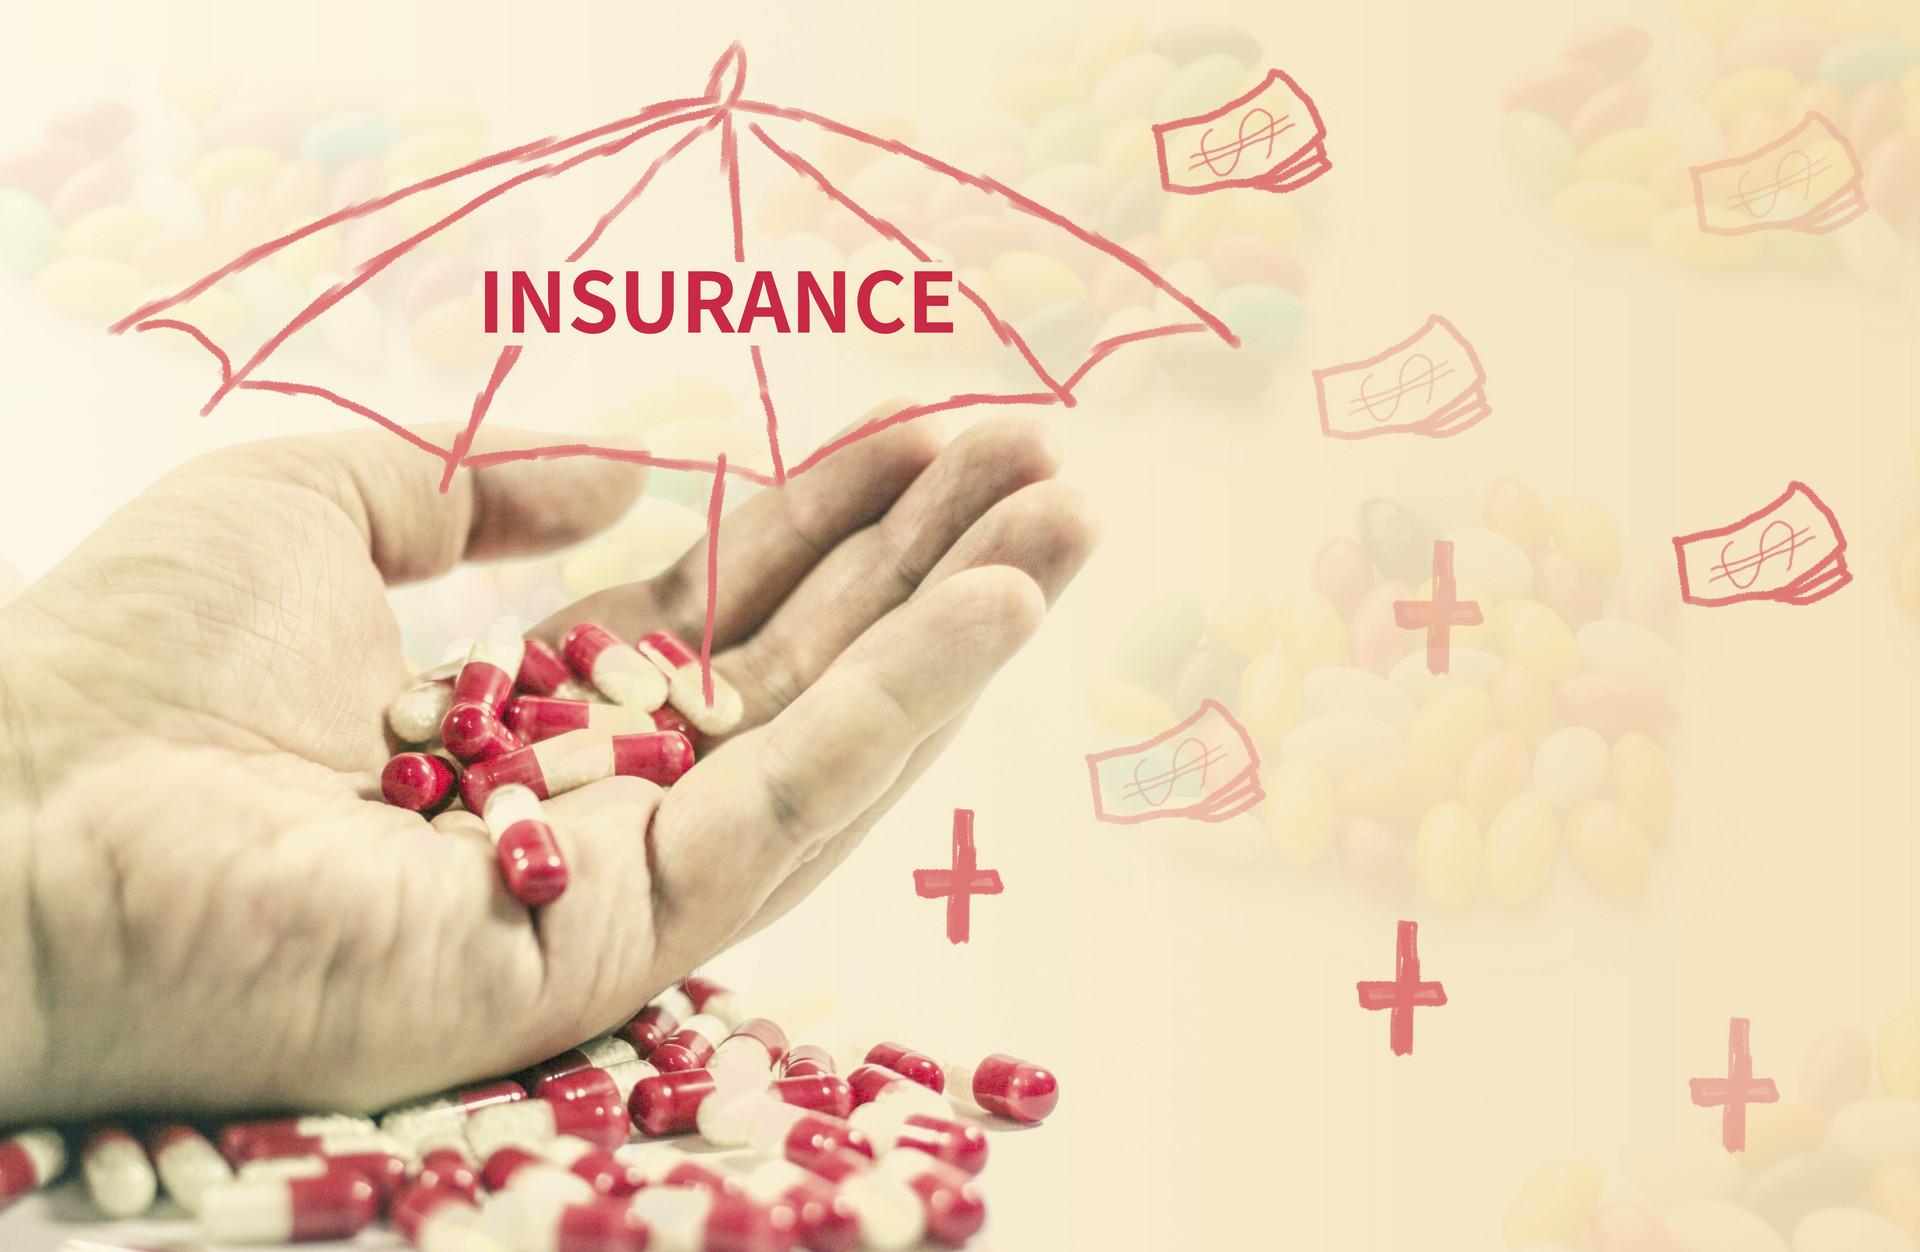 如何配置重疾险,投保重疾险注意事项有哪些